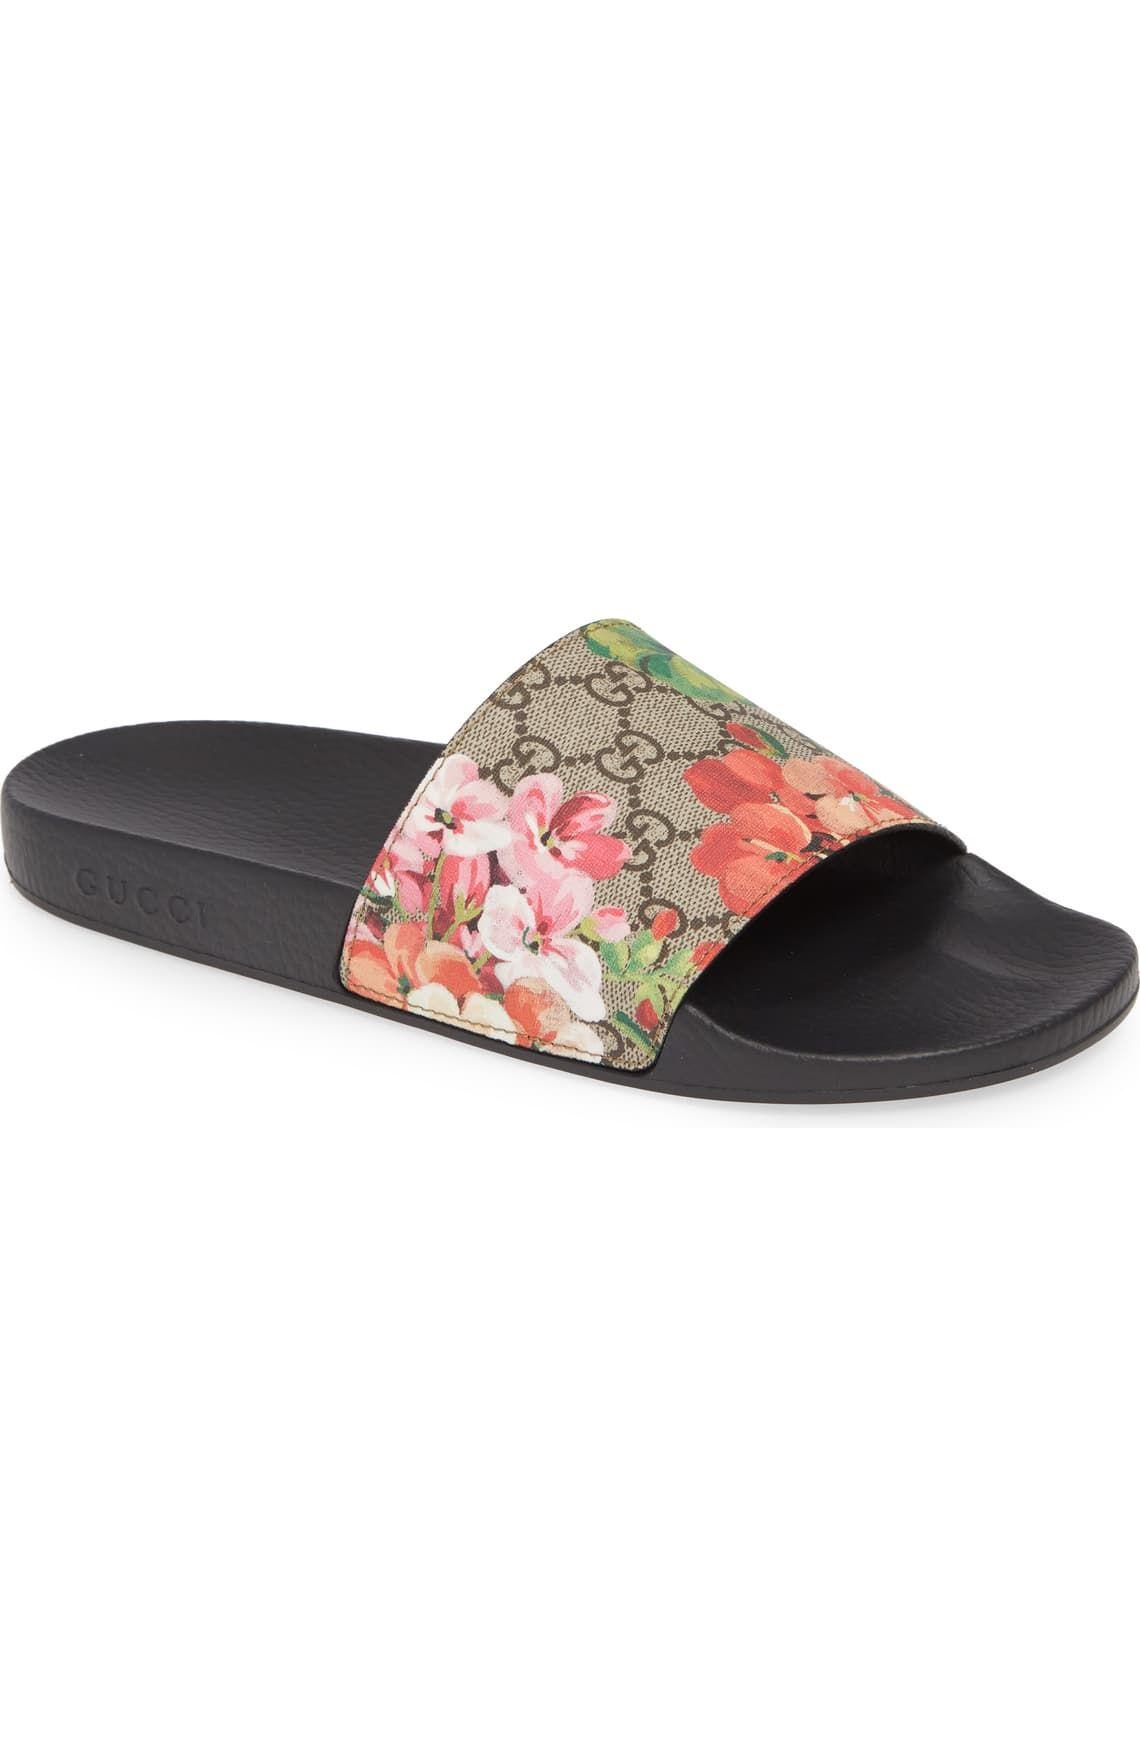 Gucci Pursuit Slide Sandal (Women